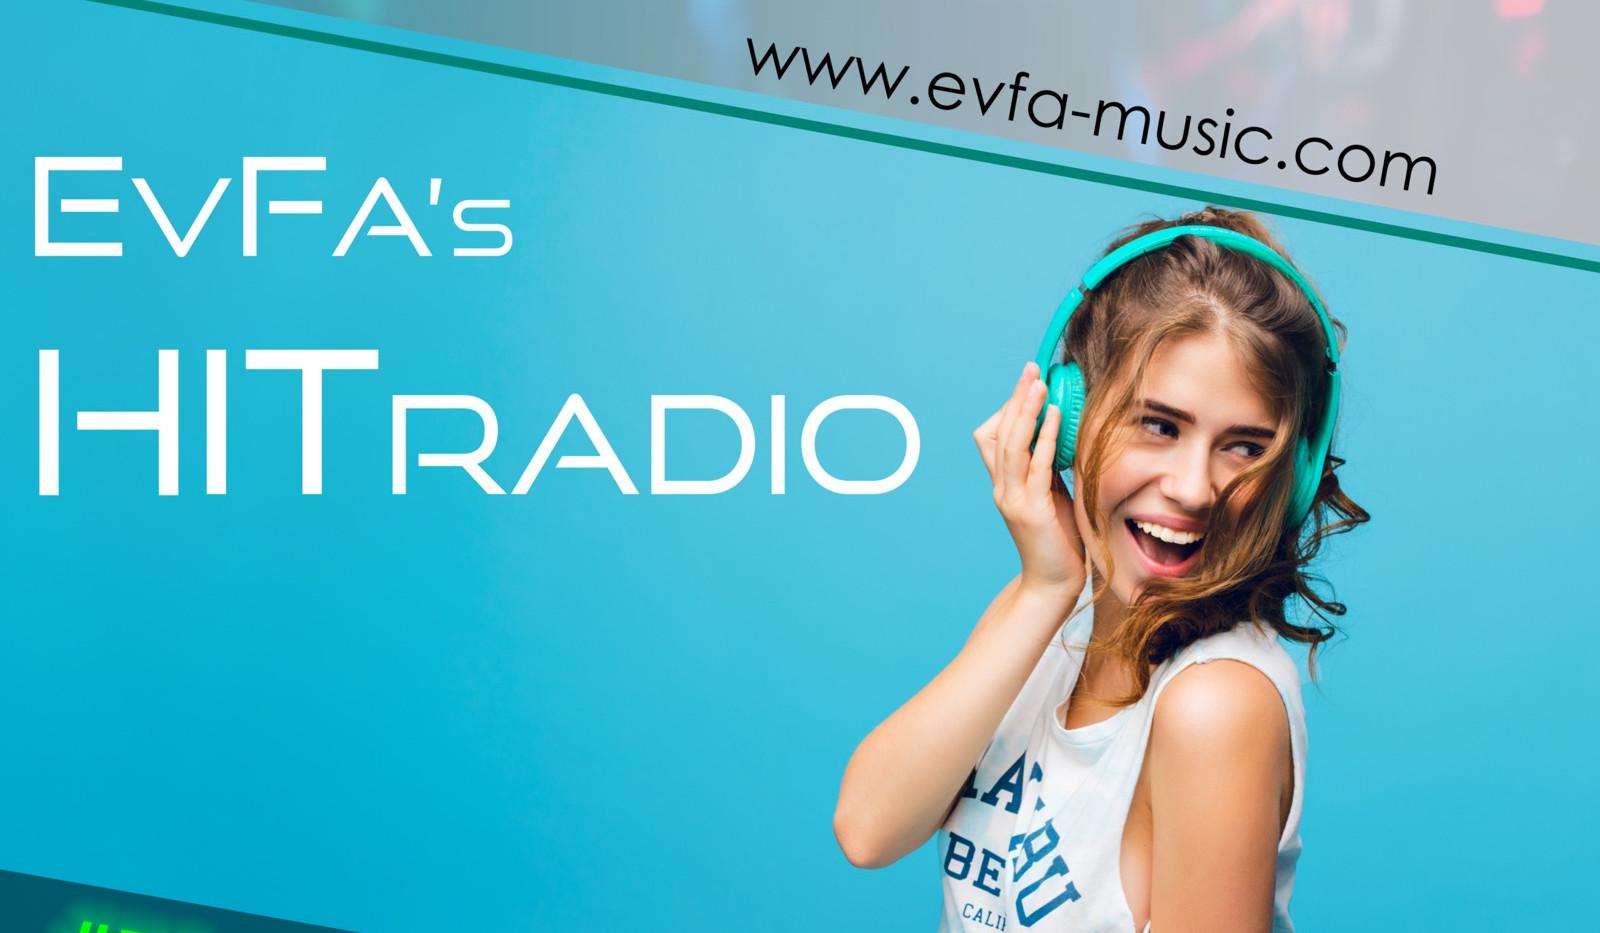 EvFa's Hitradio #70s #80s #90s #2000s #2